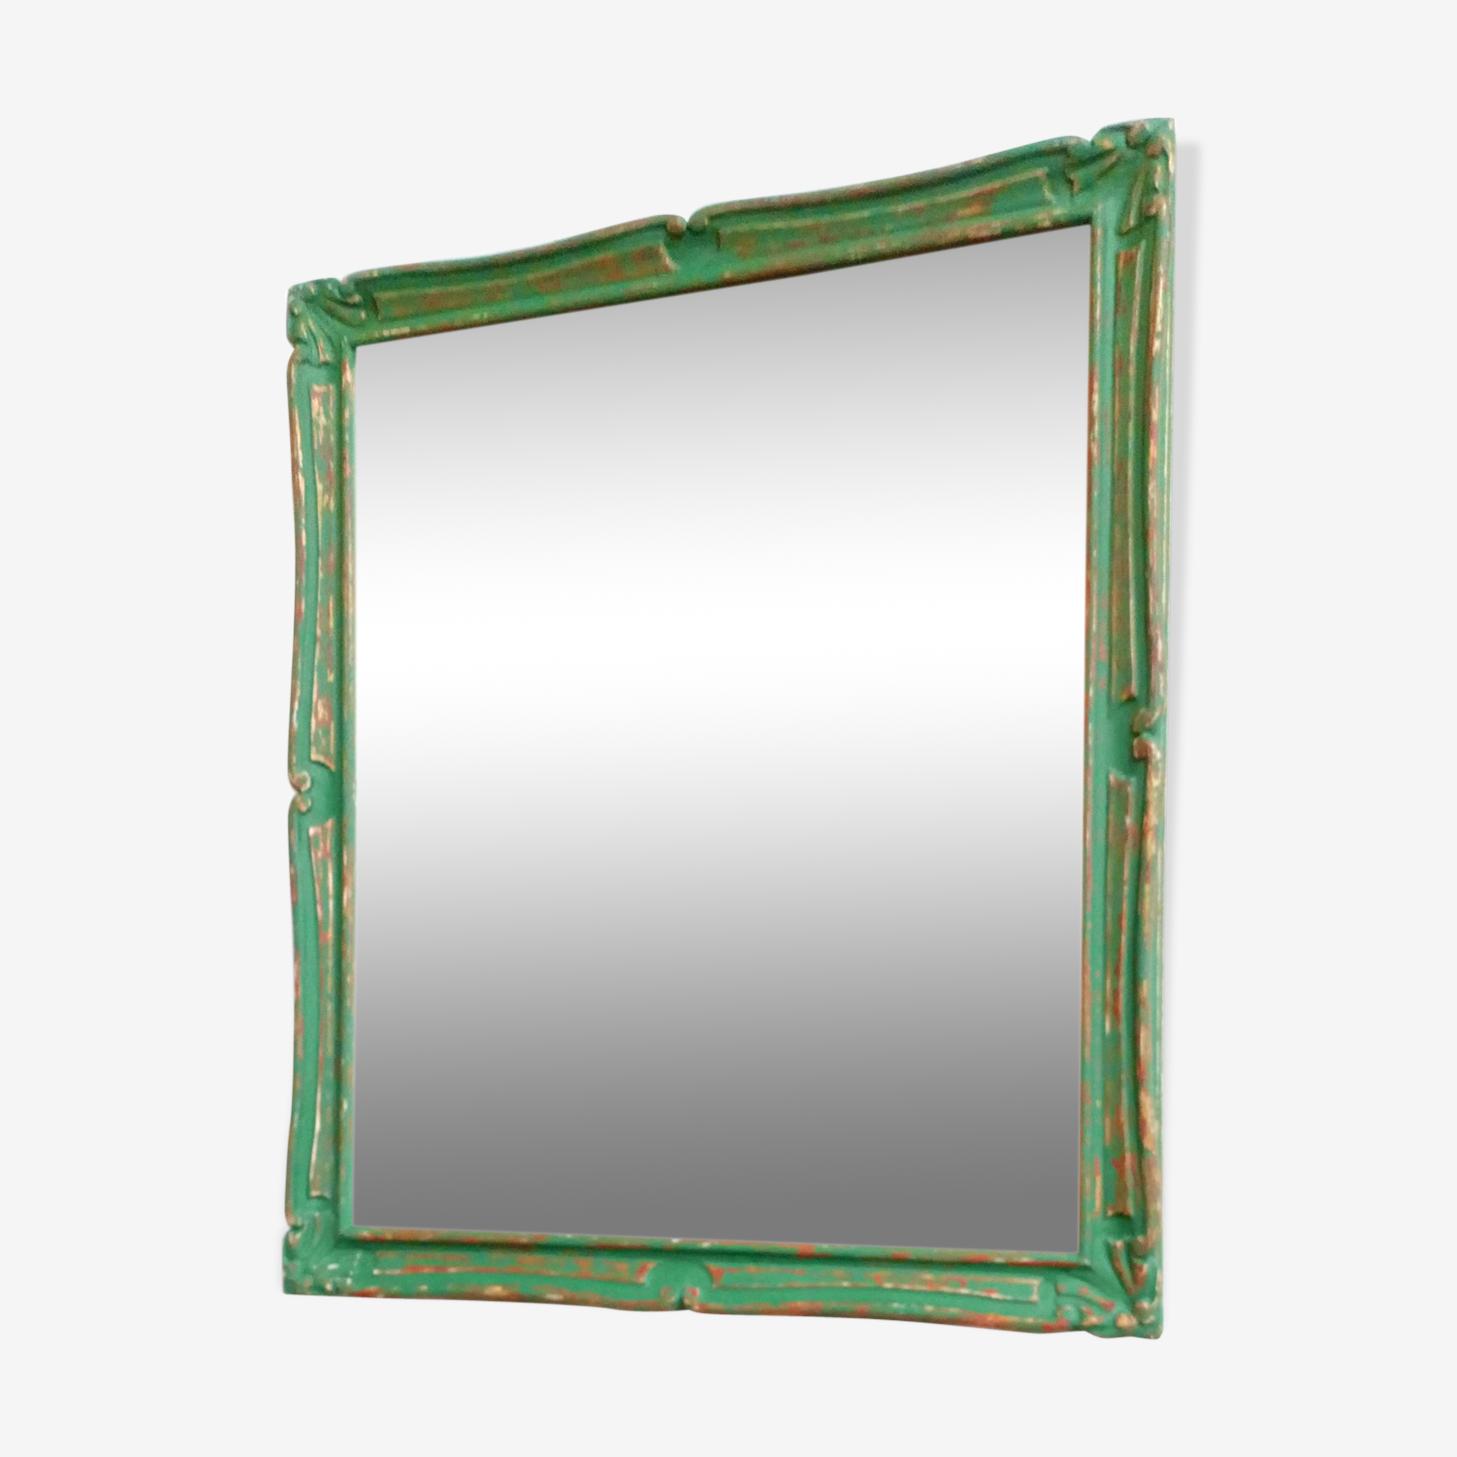 Miroir vintage patiné vert et doré 69x79cm